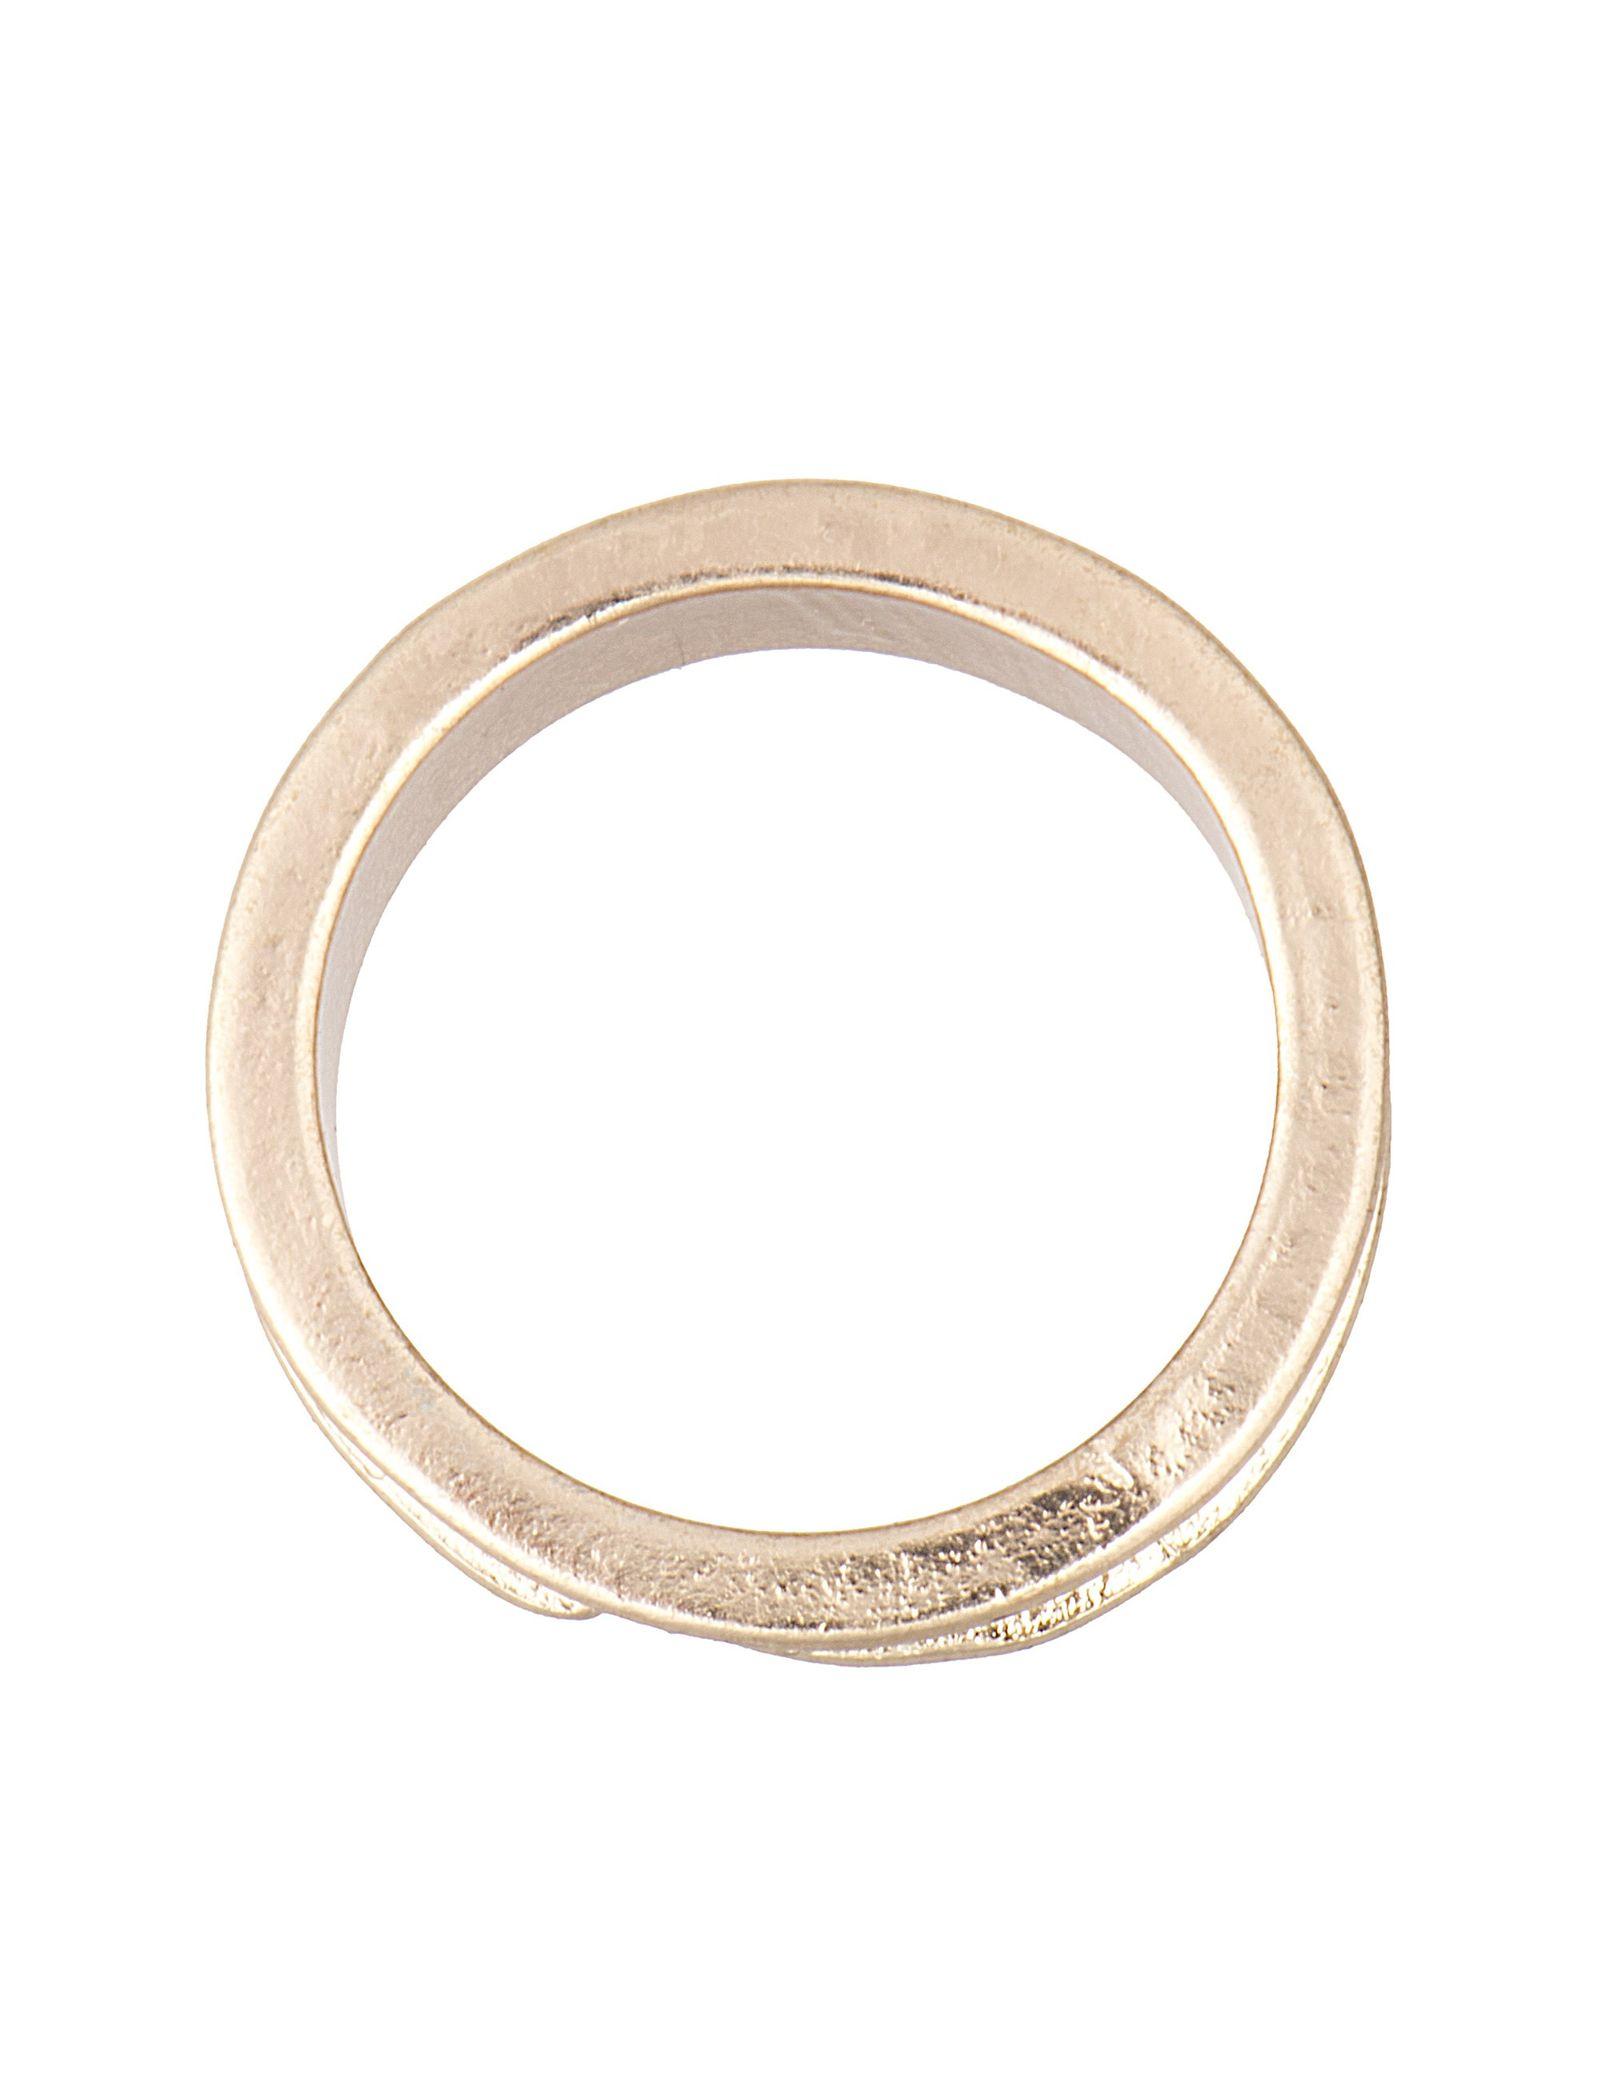 انگشتر نگین دار زنانه - پارفوا - طلايي - 2